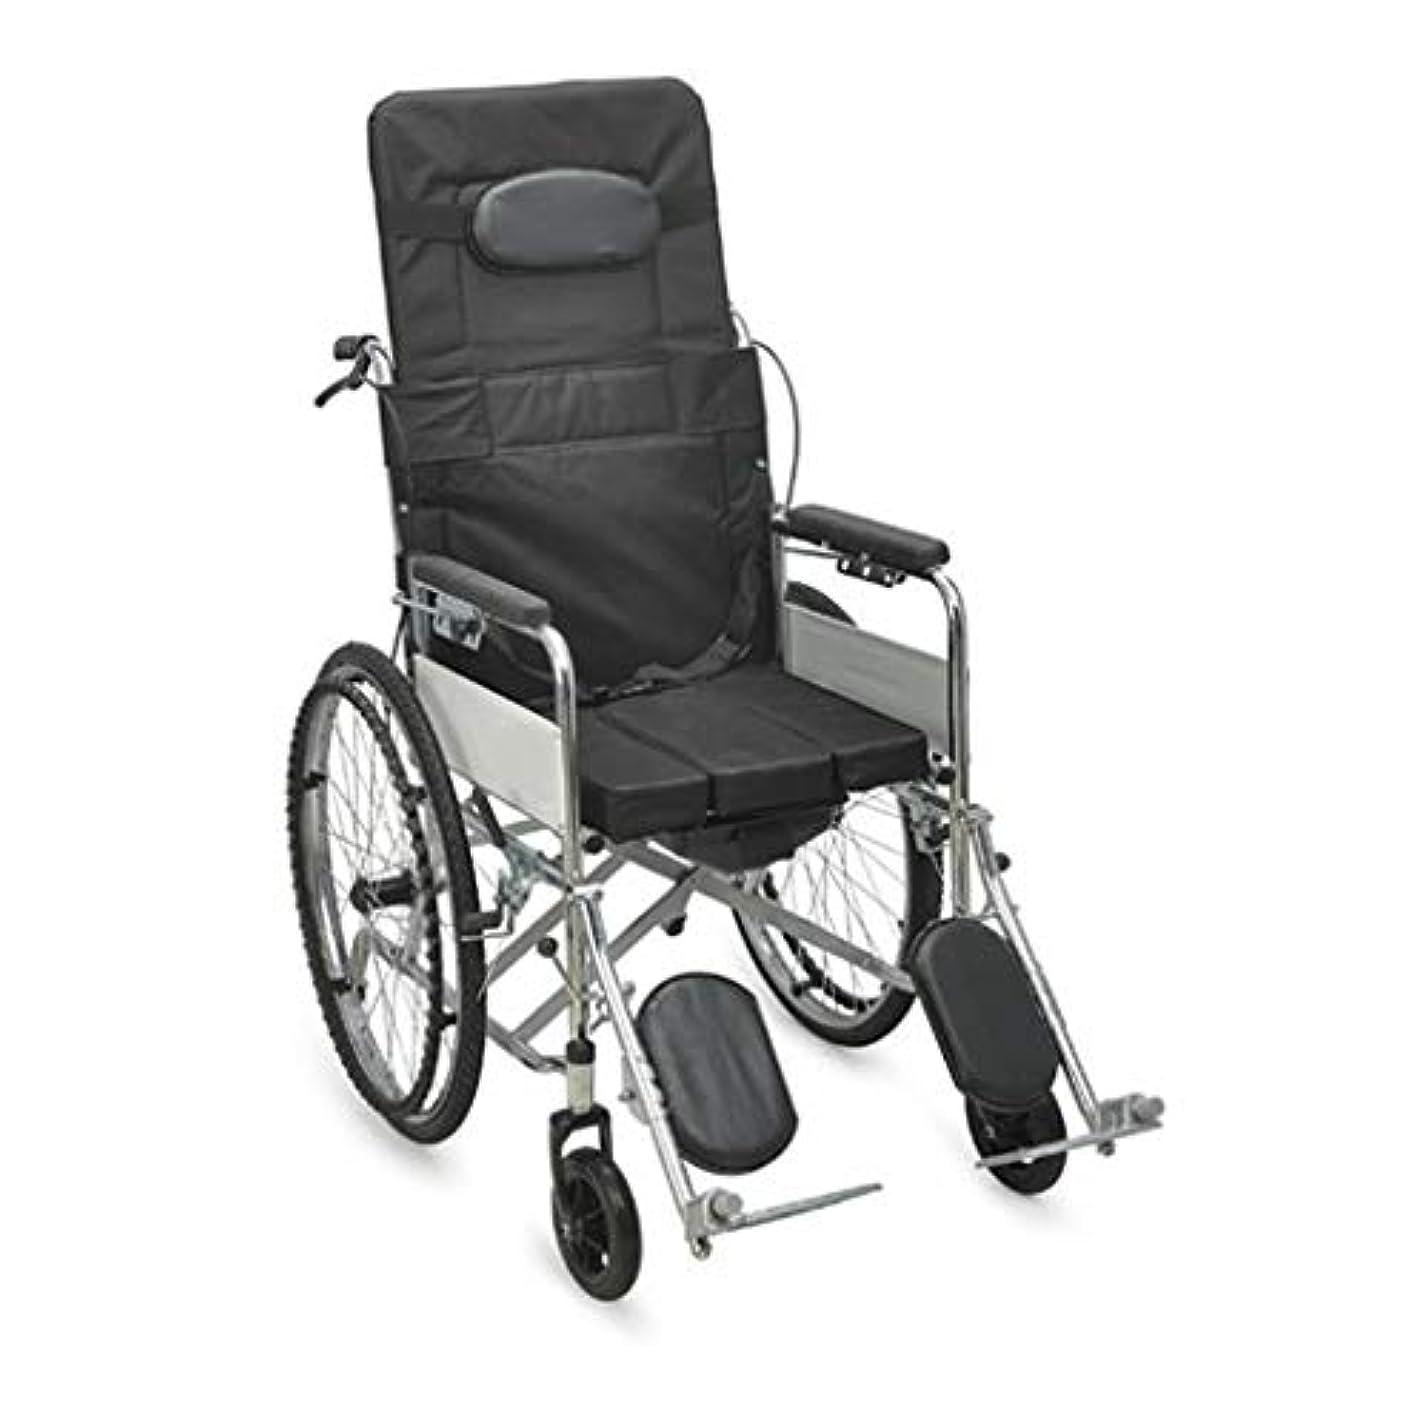 心理学シフトとして自走式車椅子、高齢者に適した軽量モバイルデバイス、身体障害者および身体障害者用、ポータブル車椅子